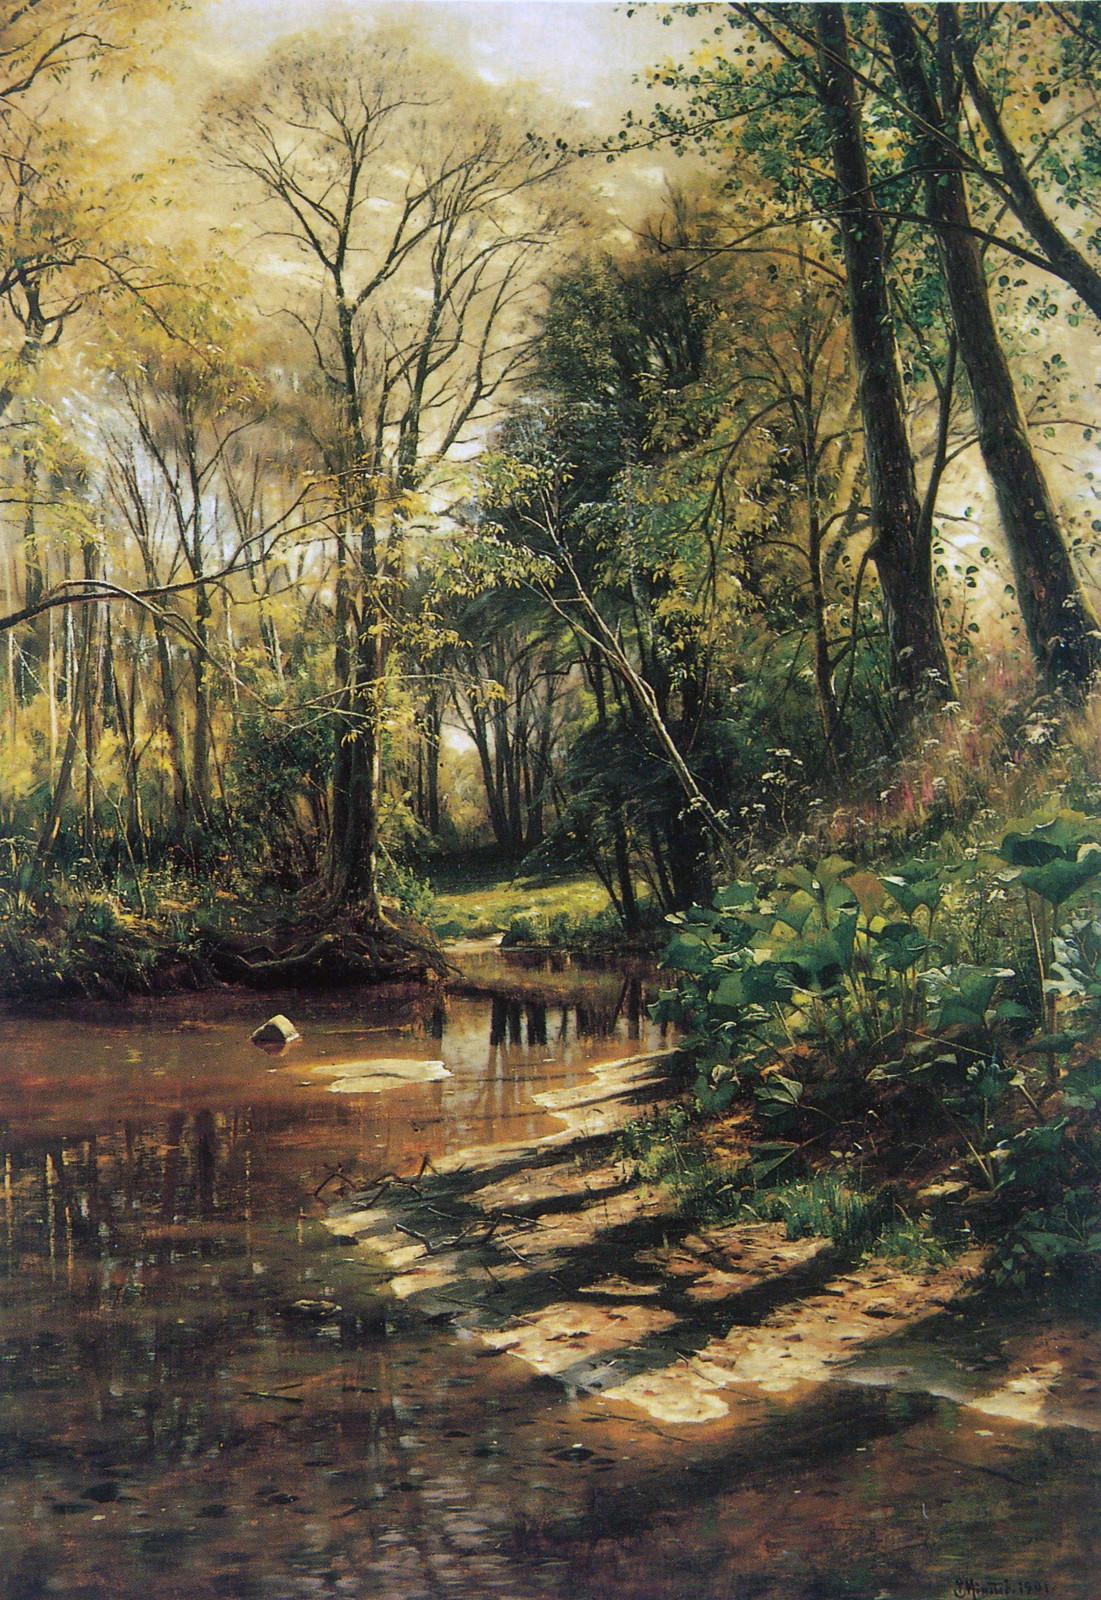 Landscape Painting Images  landscape